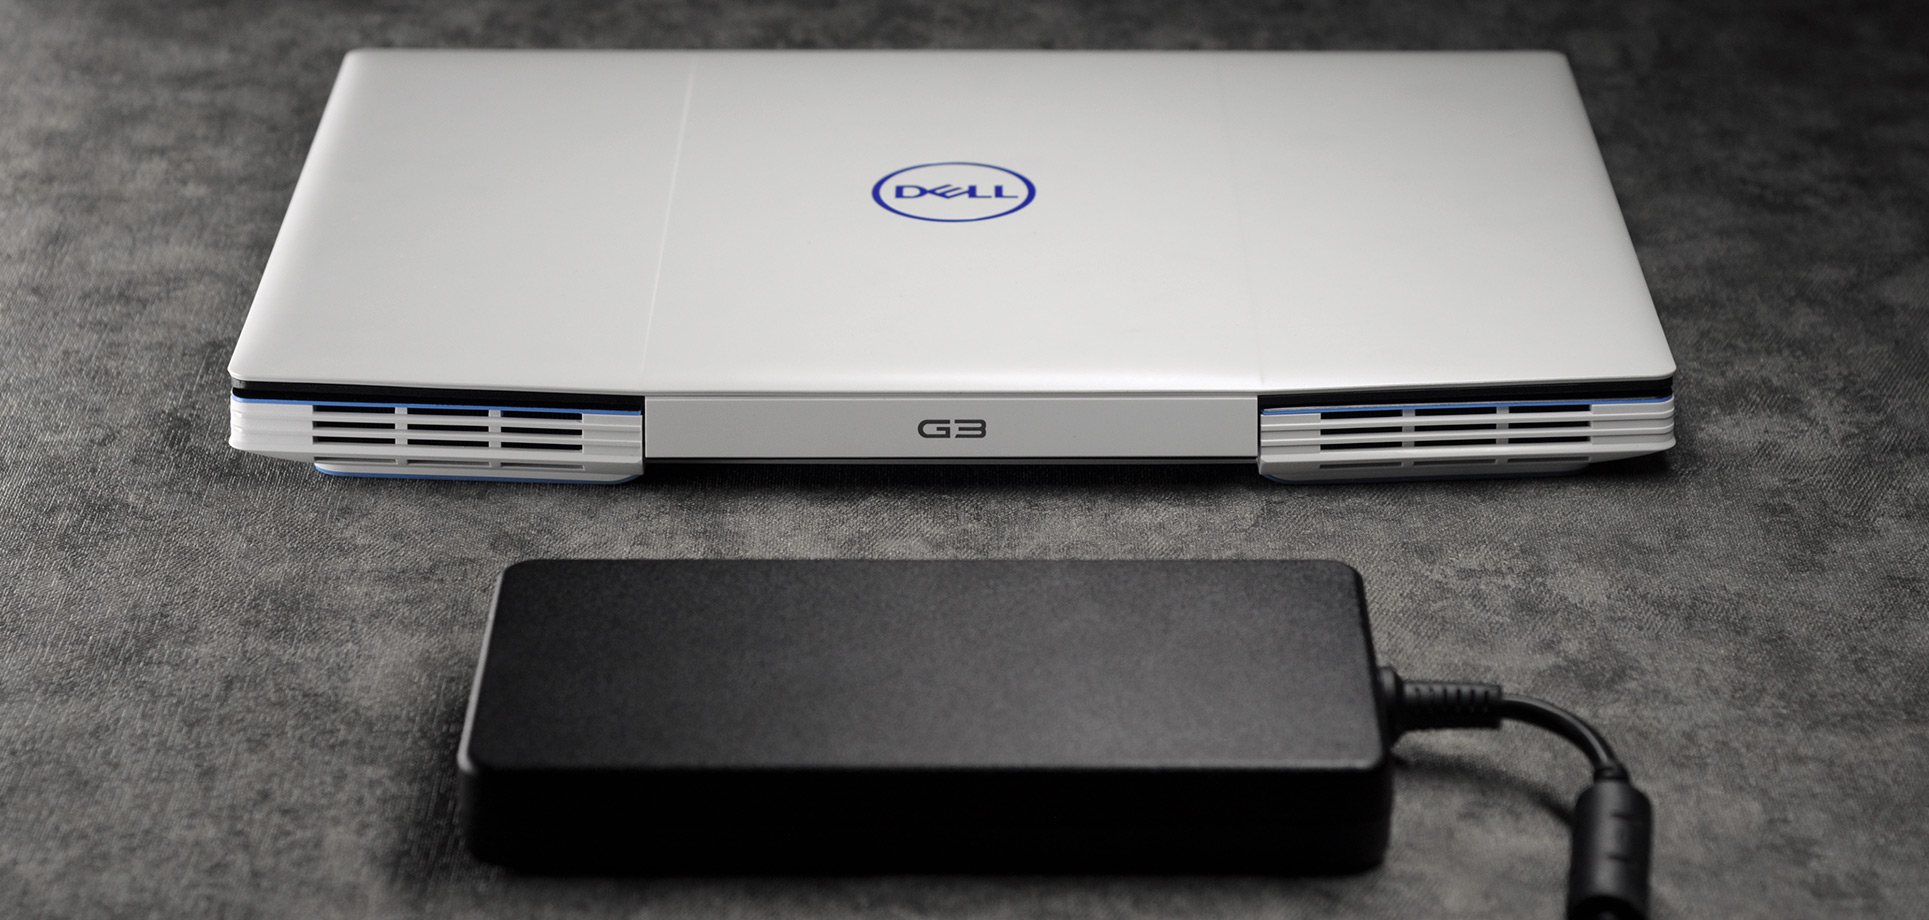 Обзор ноутбука DELL G3 3500 — универсал для работы и игр